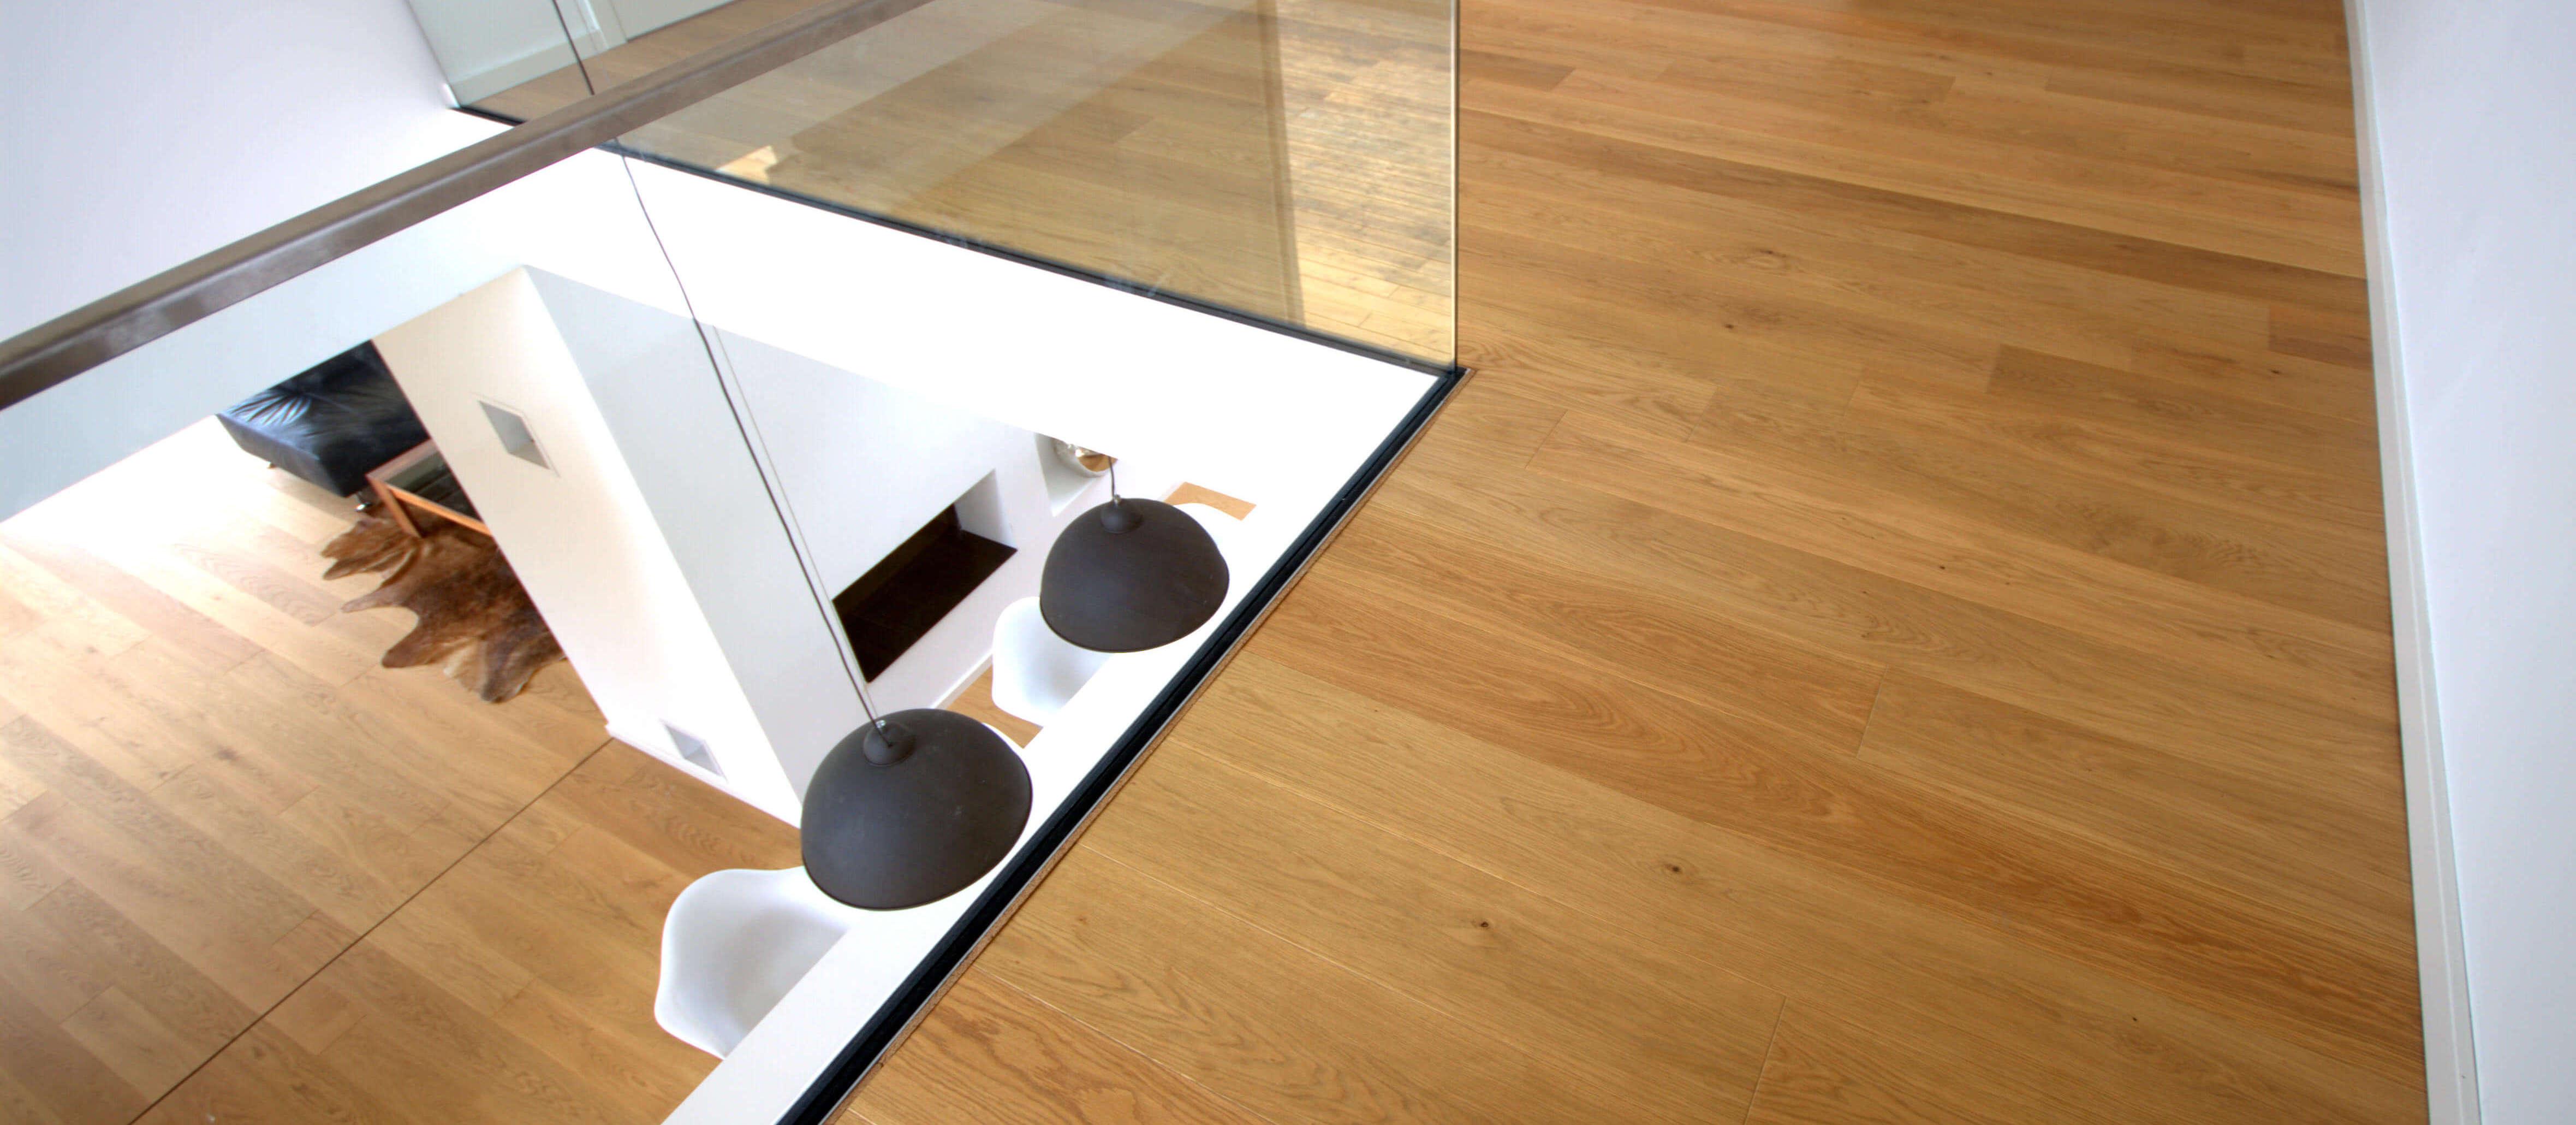 Galerie, Couchtisch aus Nussbaum Massivholz, HARO Eiche Landhausdiele, in Boden eingelassene Glasbrüstung und Esstisch